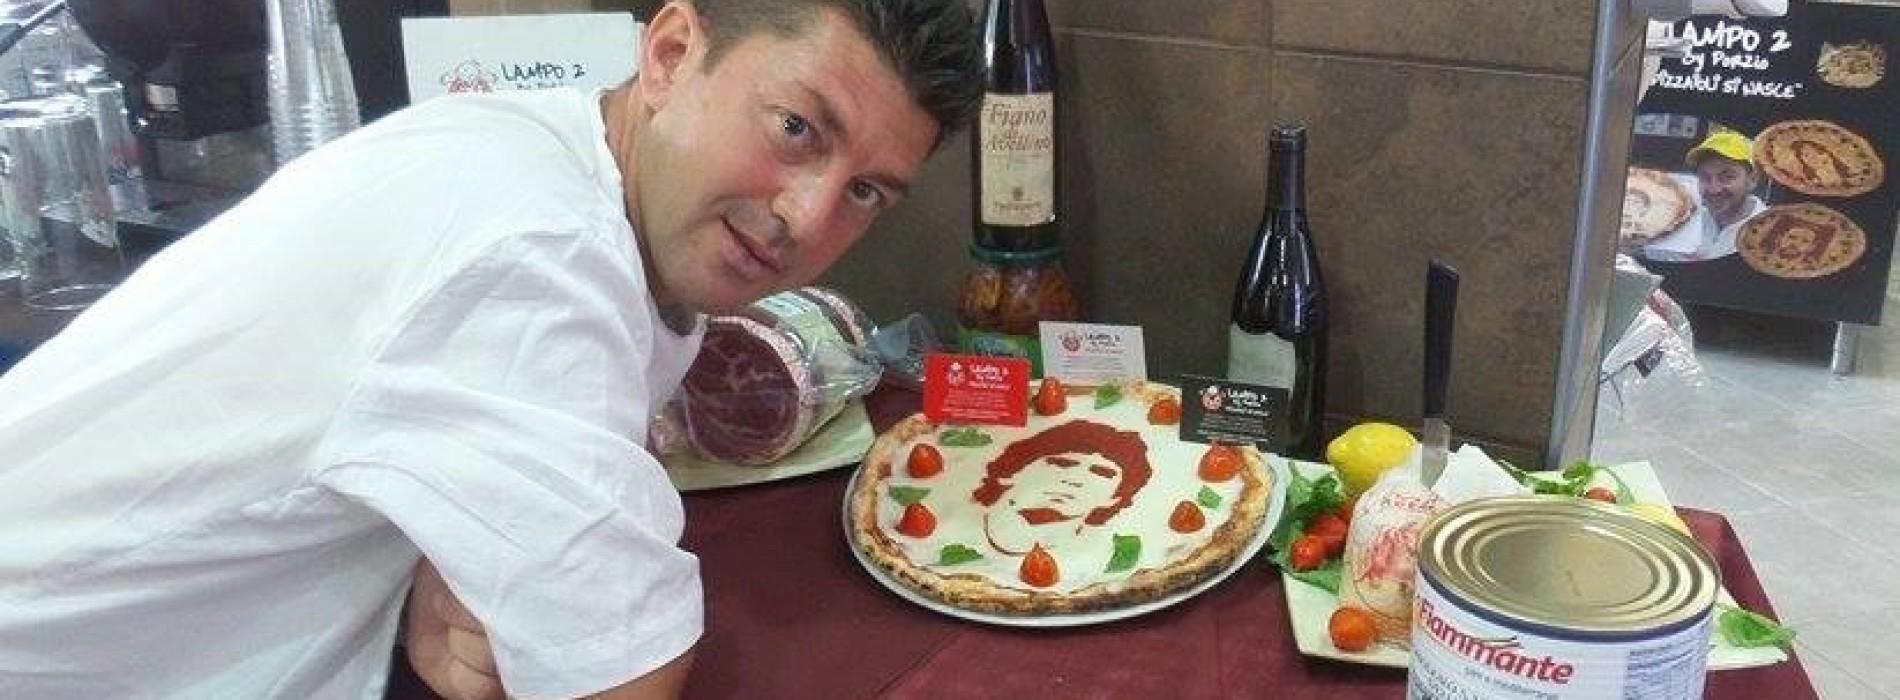 Pizzaioli si nasce…